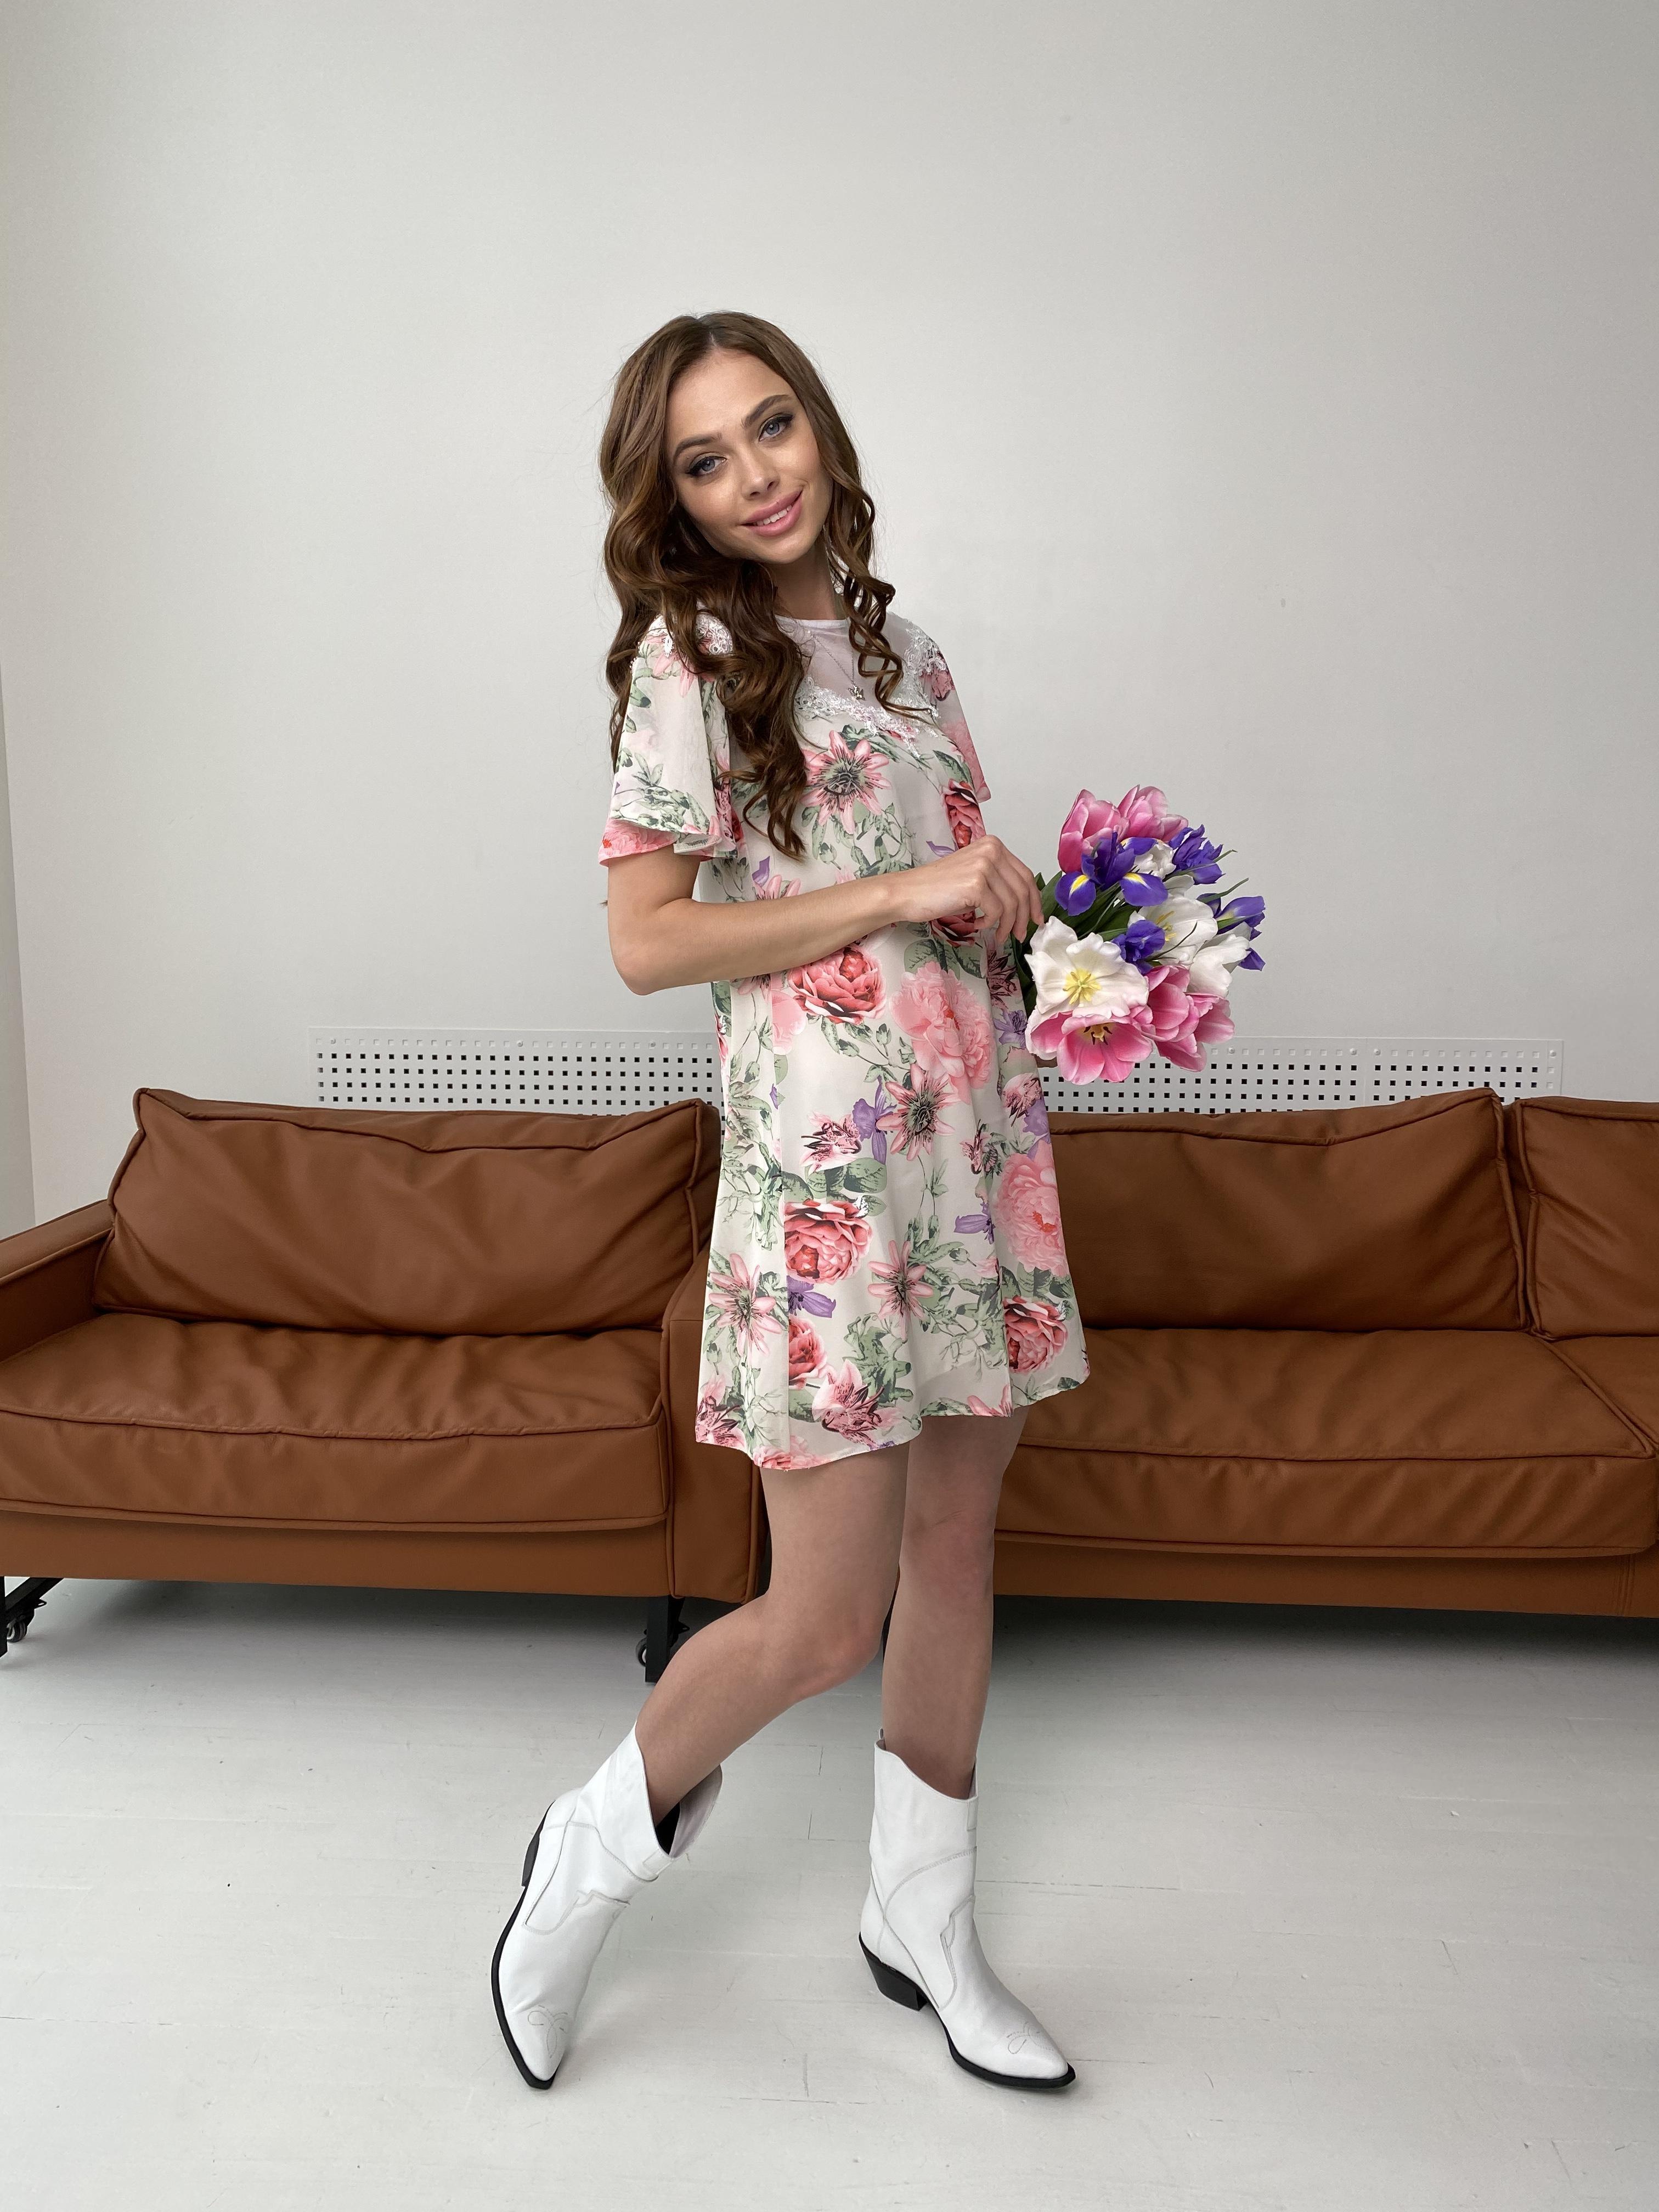 Эри платье из шифона с принтом 7136 АРТ. 42800 Цвет: Цветы комби беж - фото 3, интернет магазин tm-modus.ru